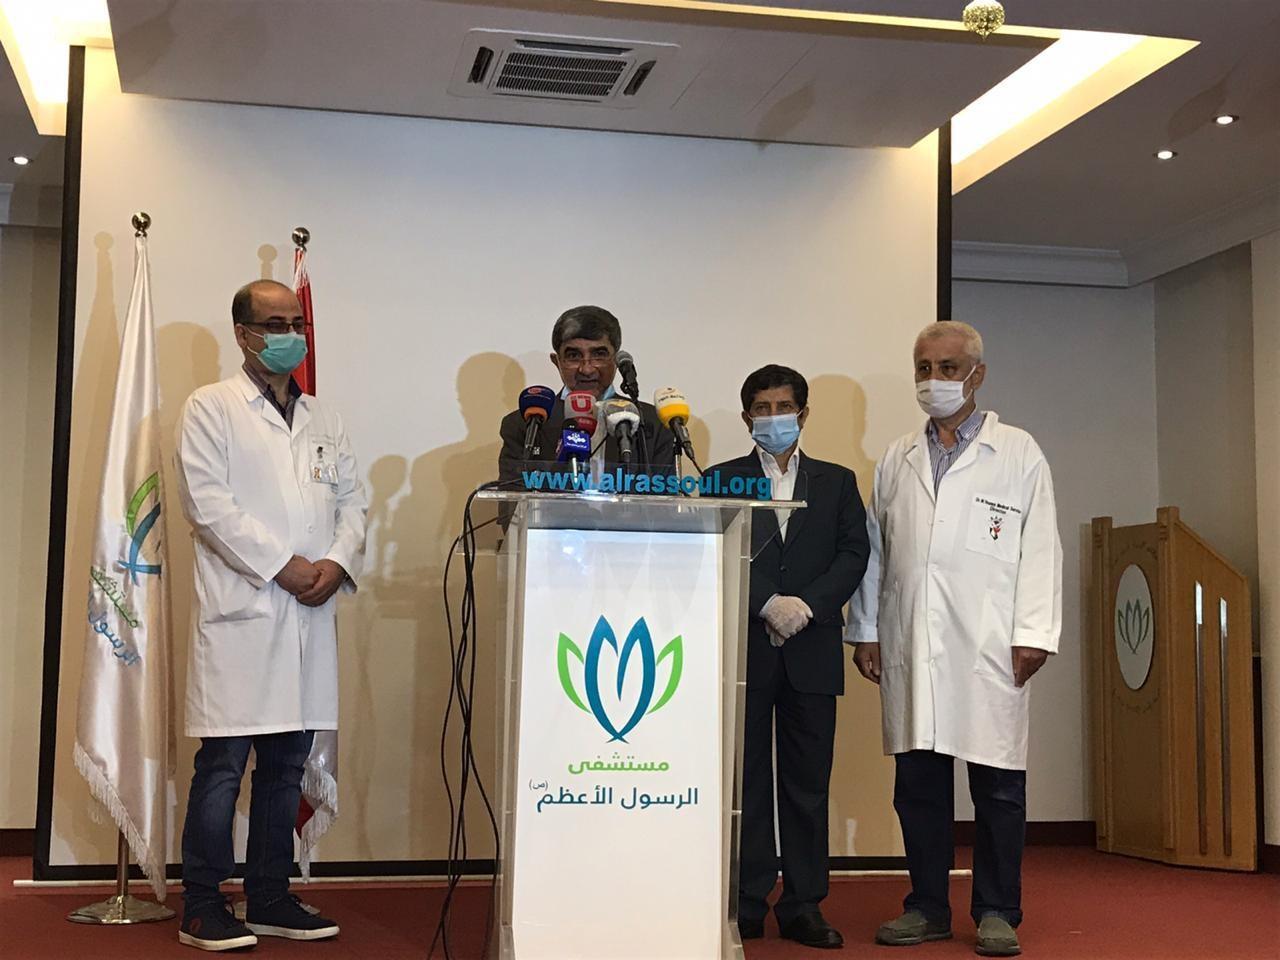 سفير ايران محمد جلال فيروزنيا: سنقوم بالخطوات الحقوقية والقانونية اللازمة لإدانة القرصنة الجوية الأميركية